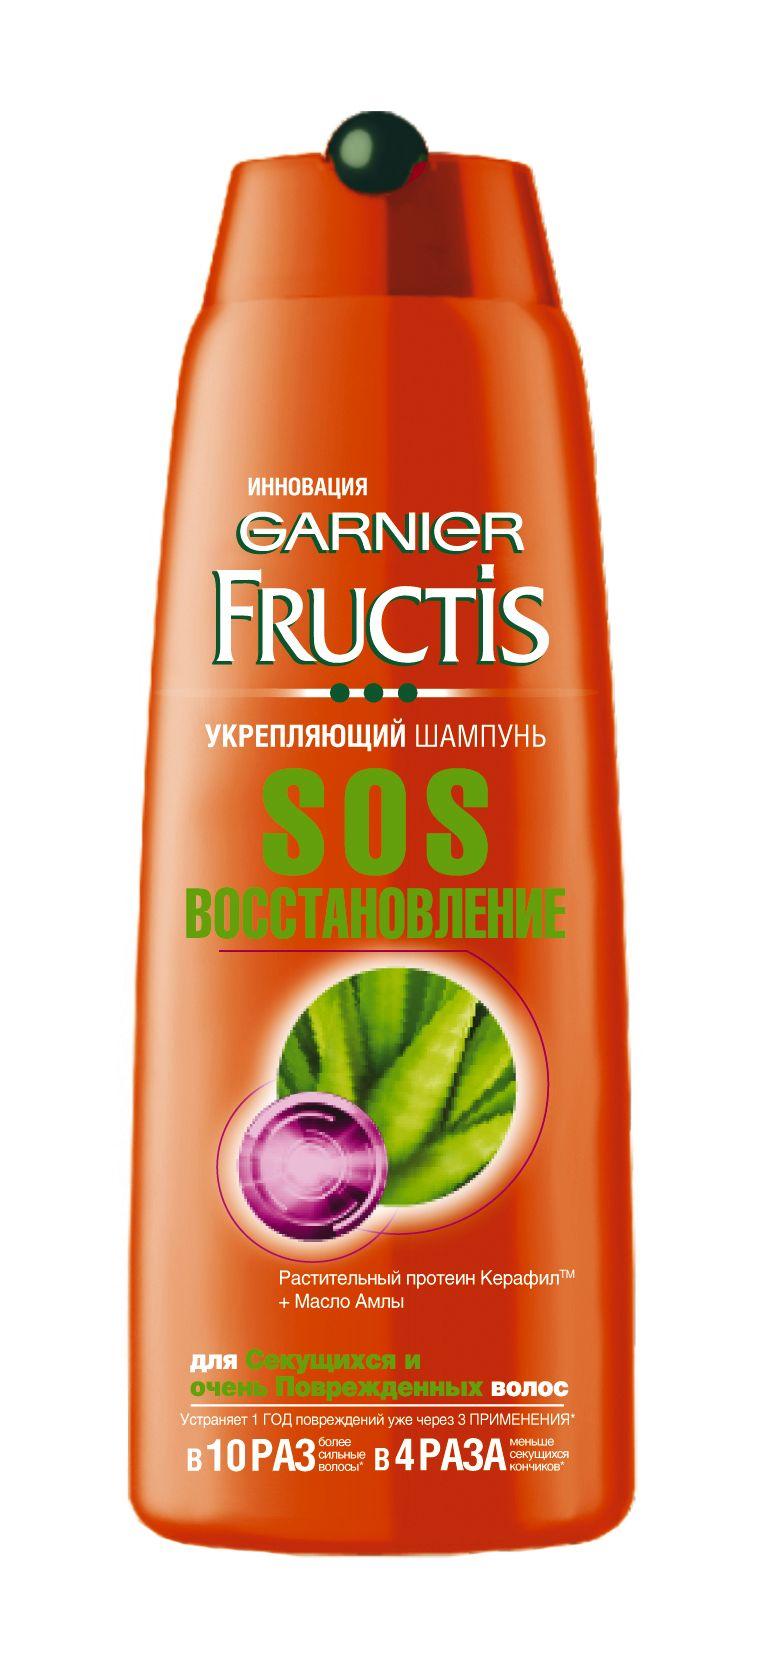 Garnier Fructis Шампунь для волос Фруктис, SOS Восстановление, укрепляющий, для секущихся и очень поврежденных волос, 400 мл, с Керафилом и Маслом АмлыC4634121Устраняет 1 год повреждений волос уже через 3 применения. Секрет формулы: 2 активных ингридиента - 2 действия. Действие внутри волоса: растительный протеин Керафил, идентичный волокну волоса, восстанавливает структуру волоса и укрепляет его, заполняя микротрещенки и поврежденные участки. Действие на поверхности волоса: масло крыжовника Амлы восстанавливает поверхность волоса. Оно запечатывает поврежденные чешуйки и запаивает секущиеся кончики, повышая эластичность волоса и сопротивляемость внешним повреждениям. Результат: Устраняет 1 год повреждений уже через 3 применения. В 10 раз более сильные волосы. В 4 раза меньше секущихся кончиков.